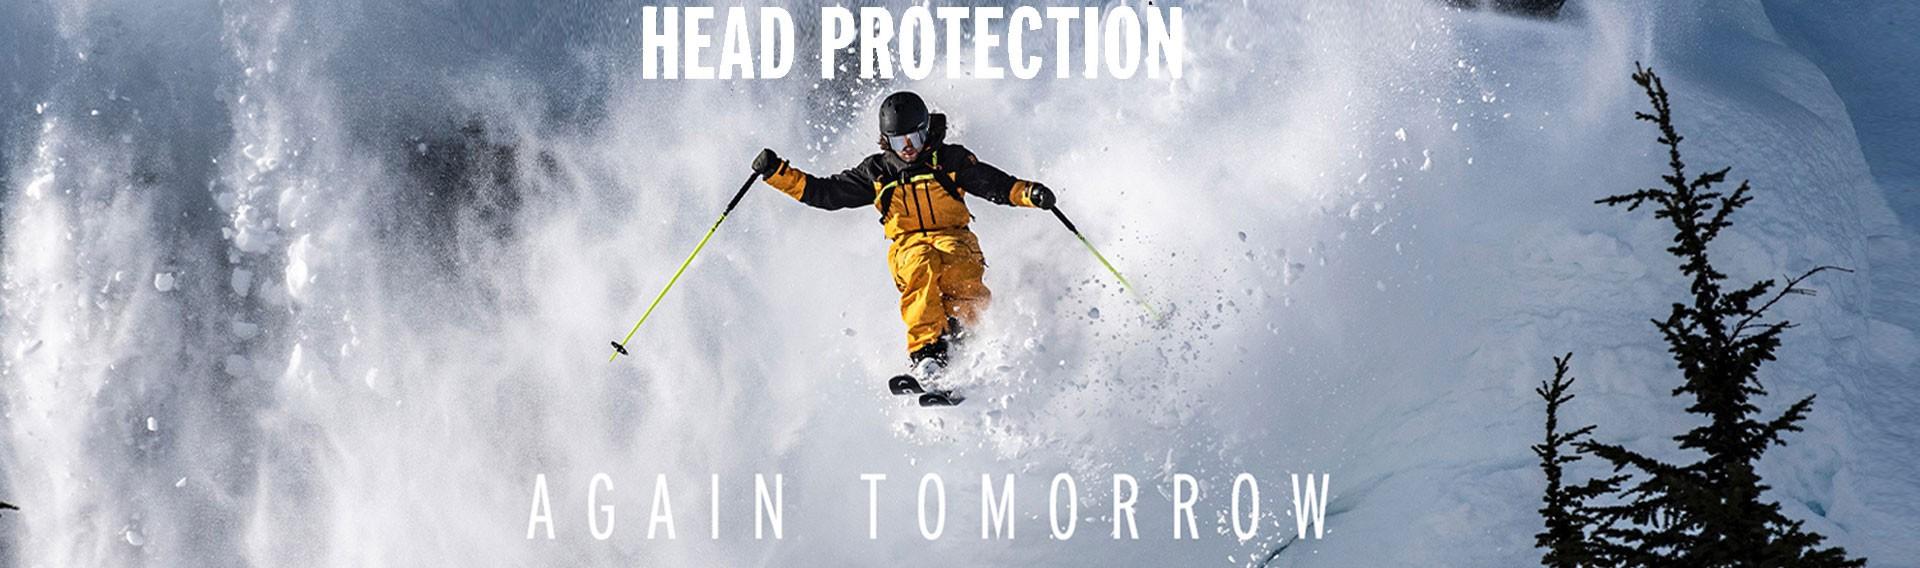 krani ski